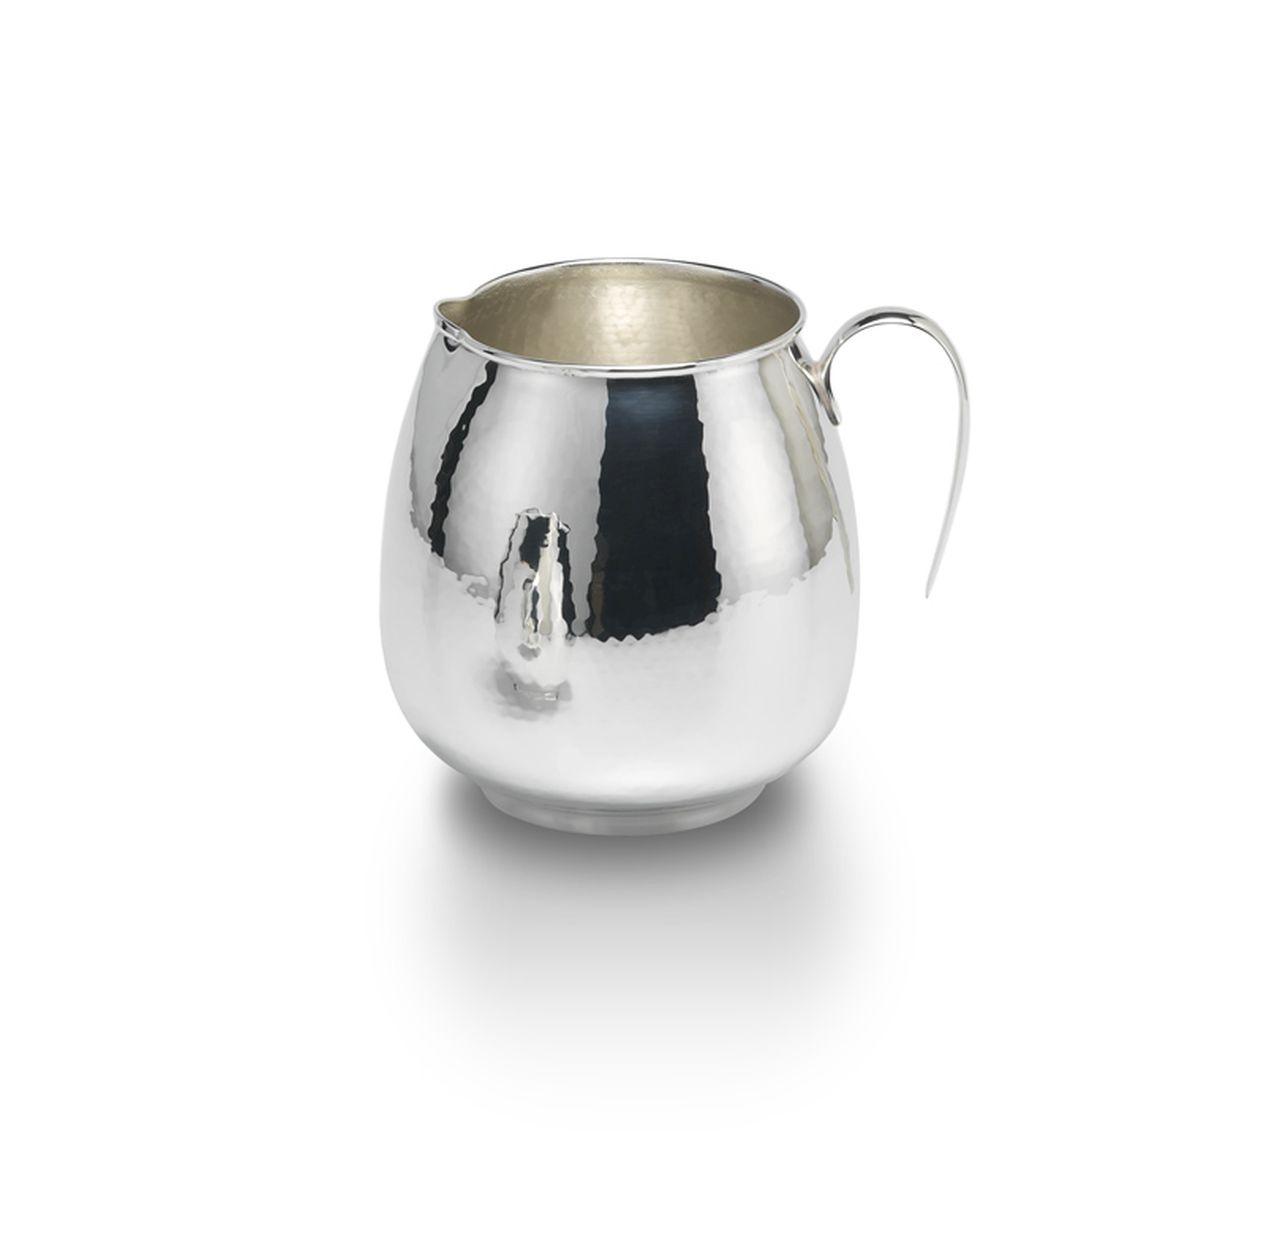 Brocca con manico in metallo placcato argento stile Inglese cm.16h diam.11